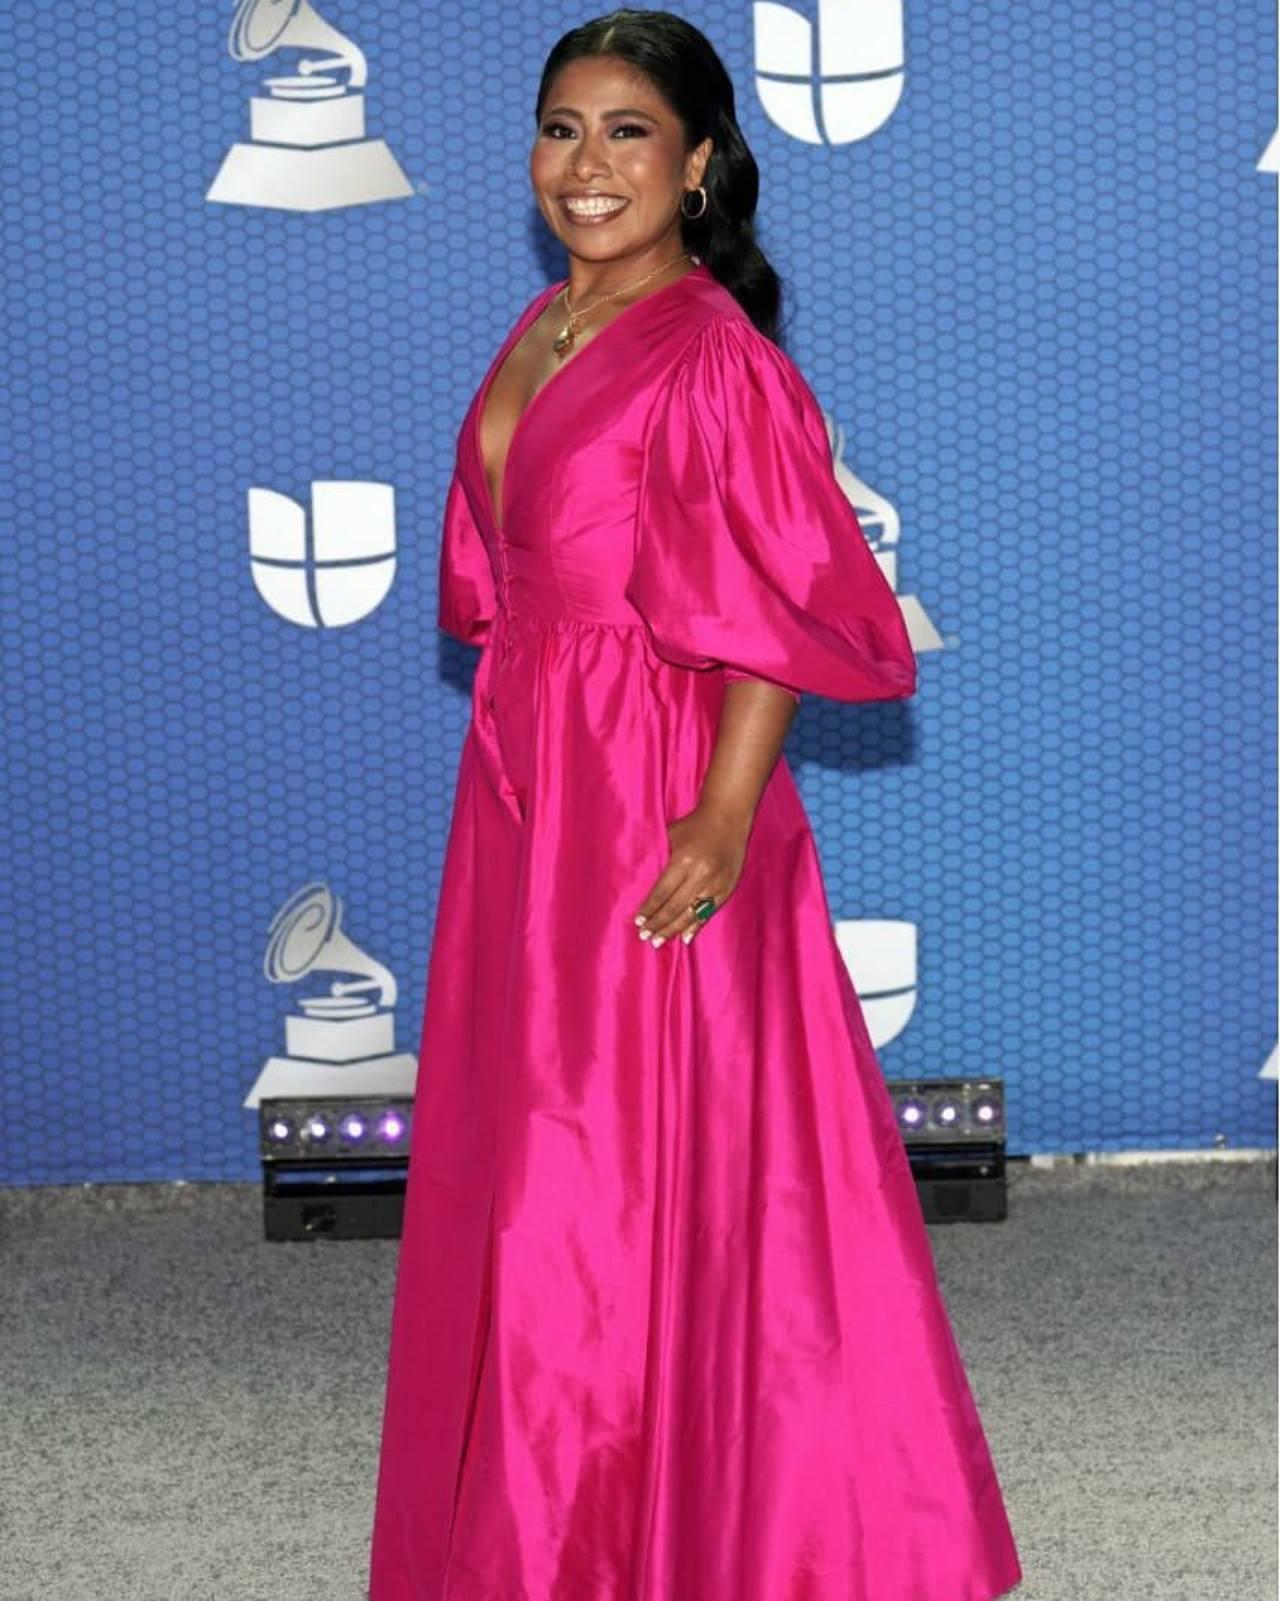 Yalitza Aparicio en vestido rosa mexicano